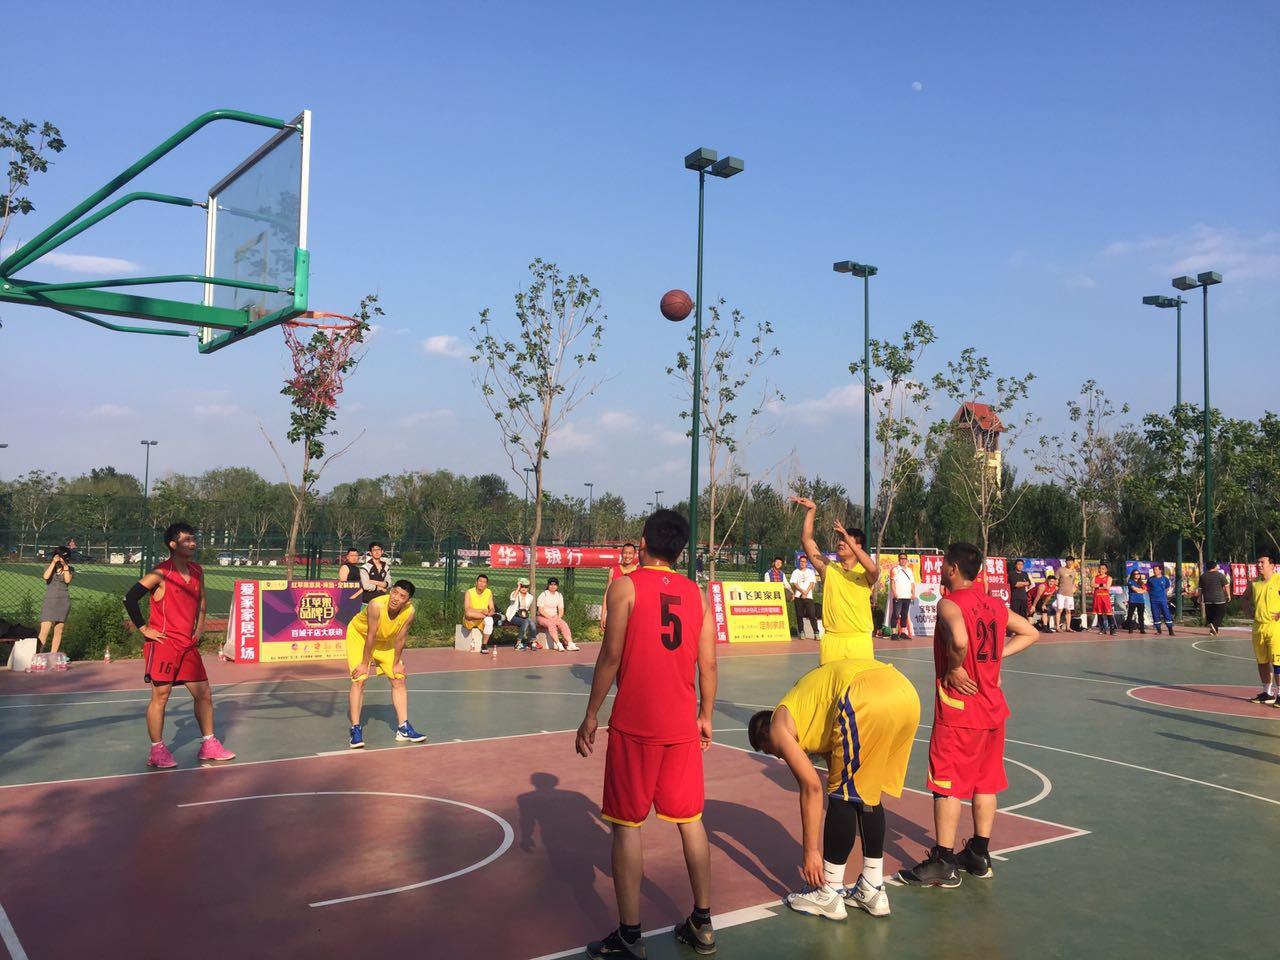 锦州便民家政服务中心代表队参加爱家家居杯全市组织的篮球赛,获得第四名的好成绩